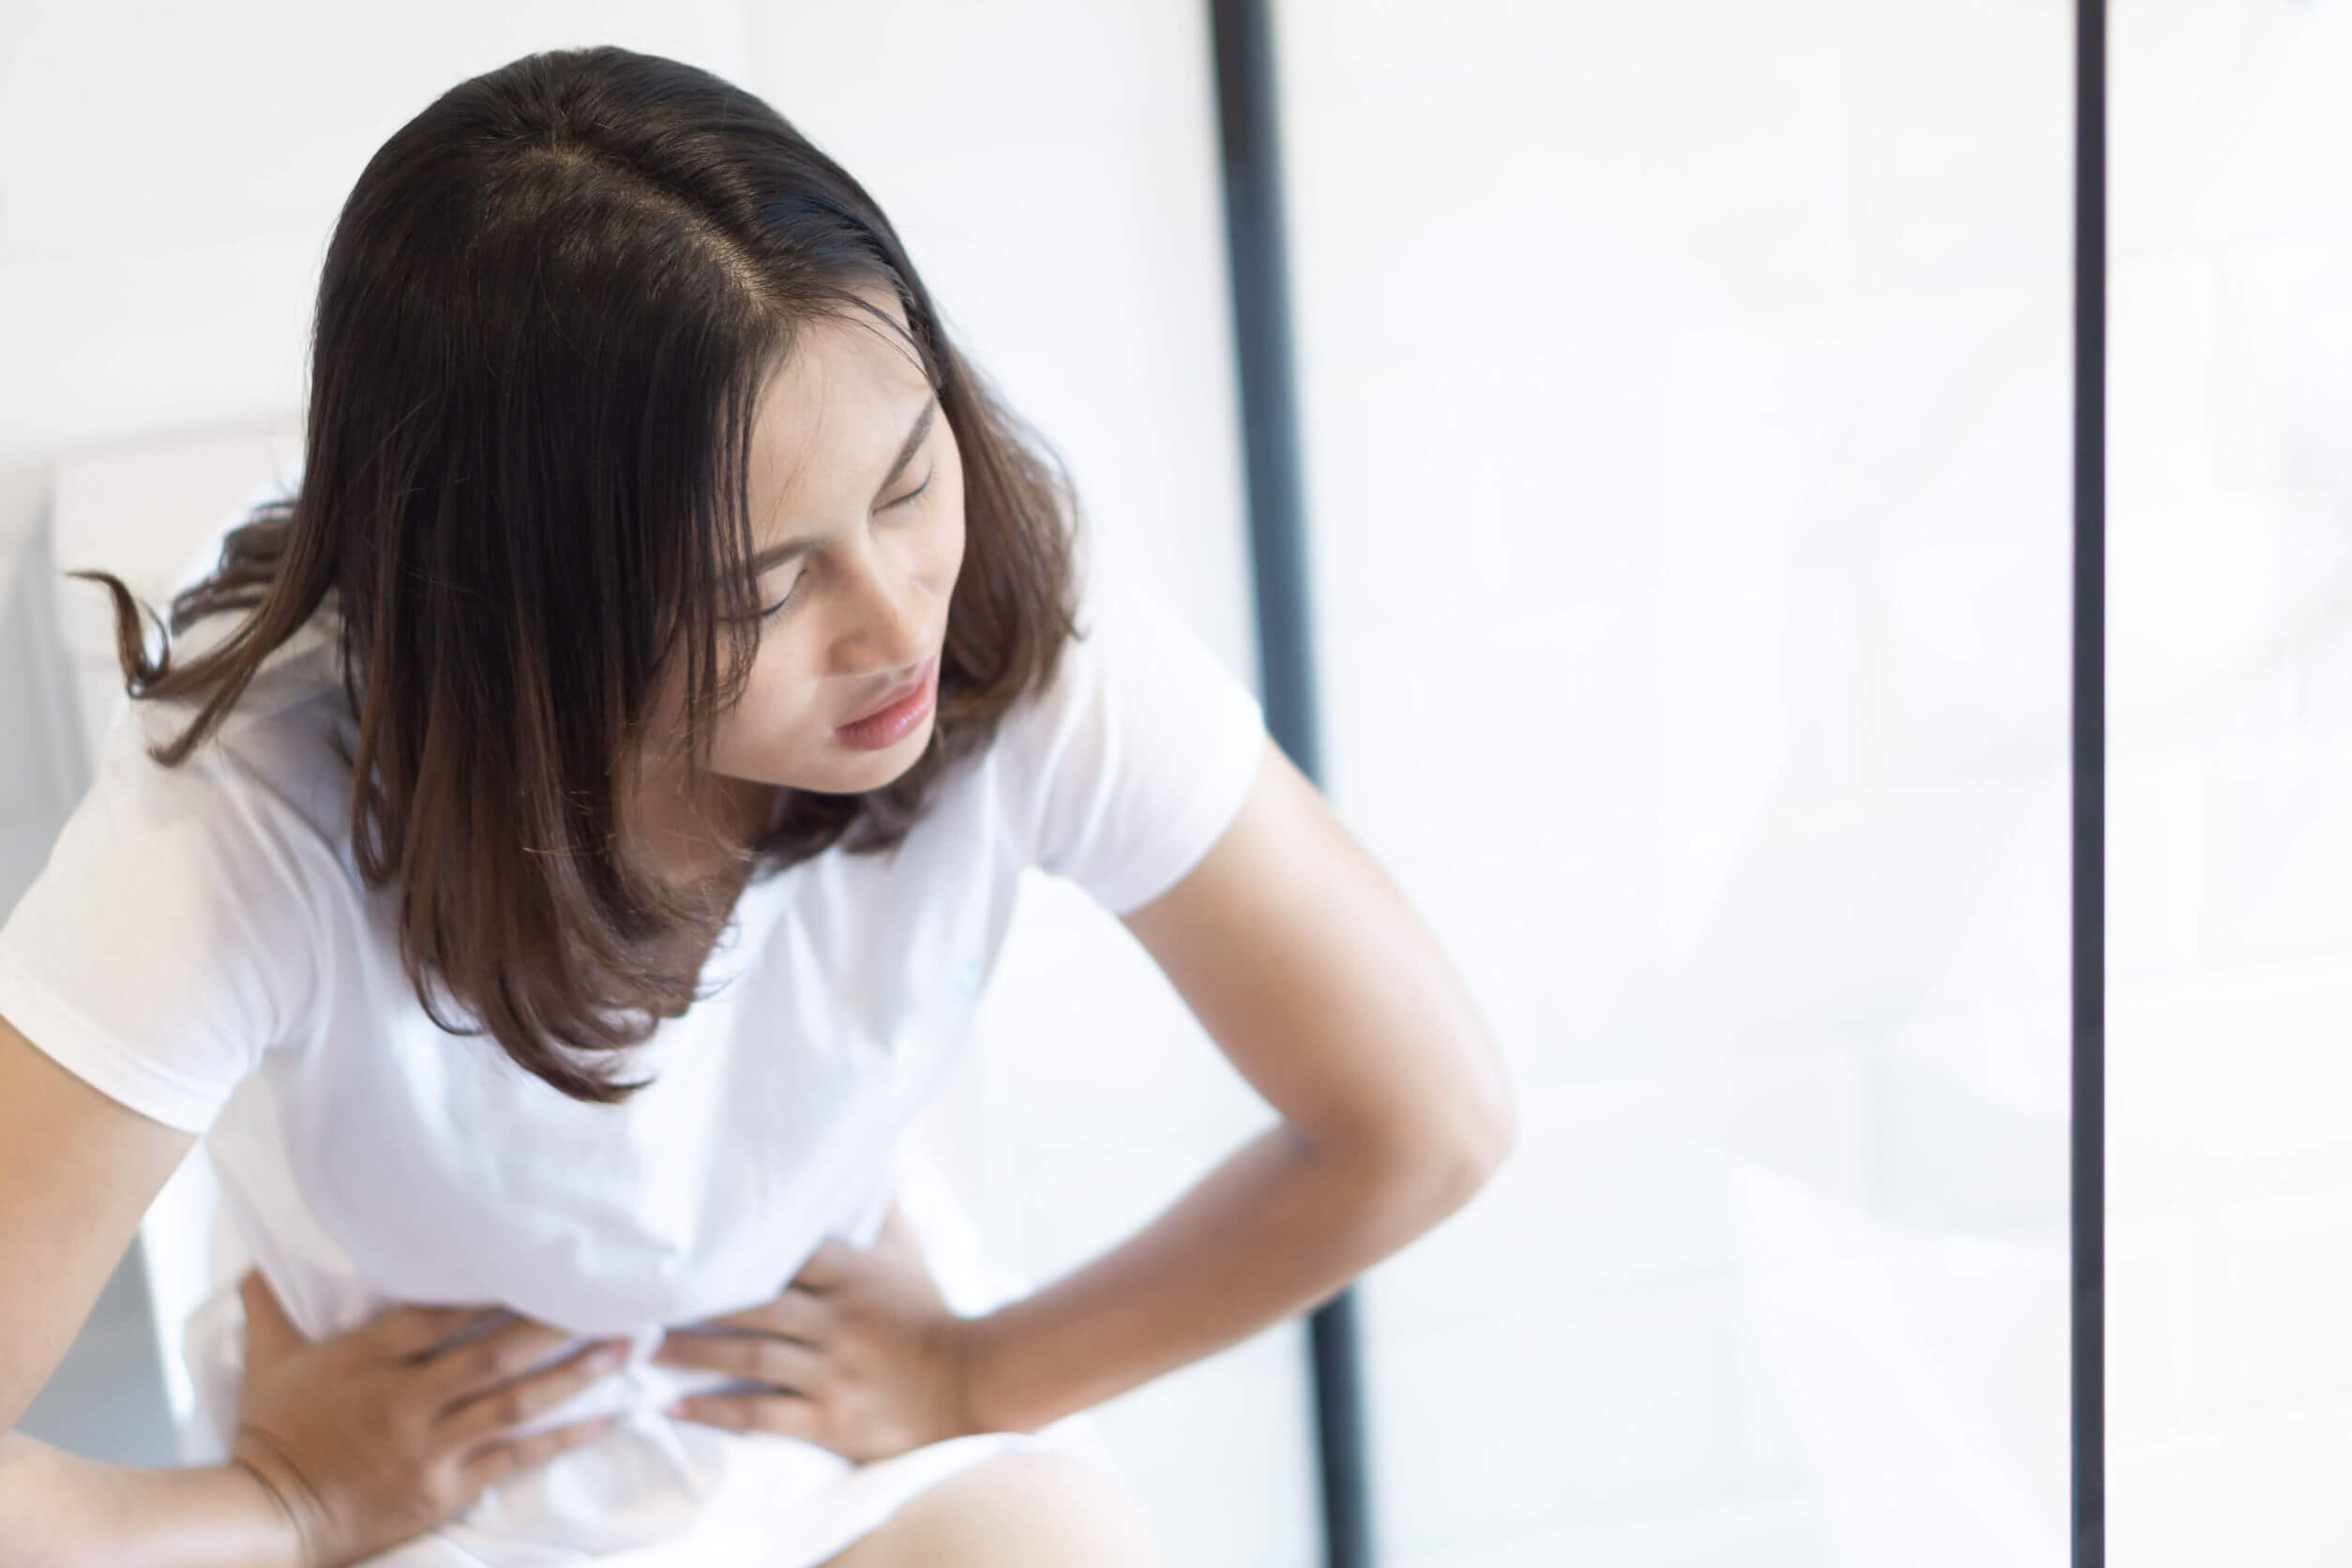 La cystite est plus fréquente chez les femmes.